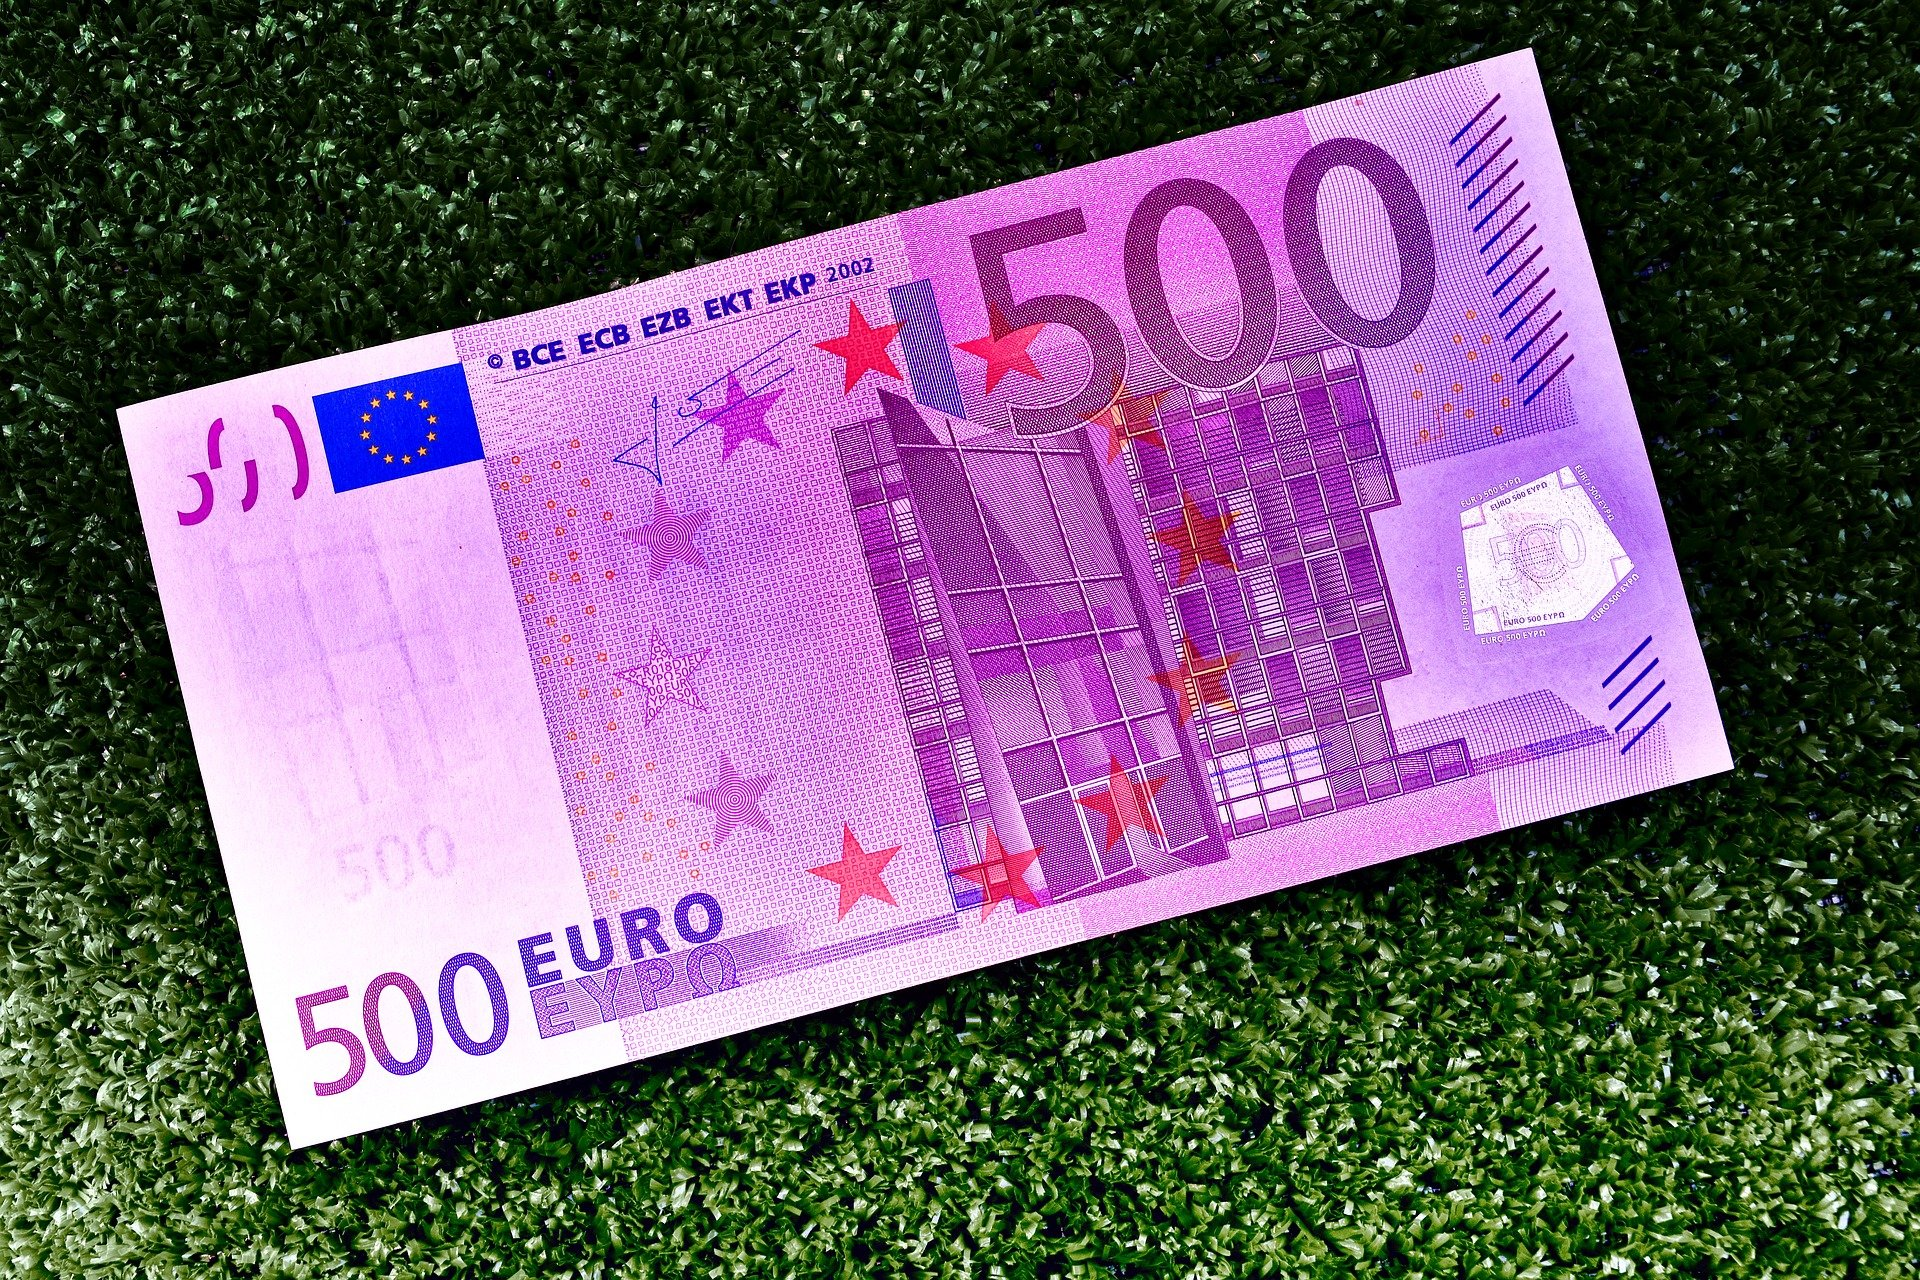 Cómo obtener ganancias invirtiendo 500 euros